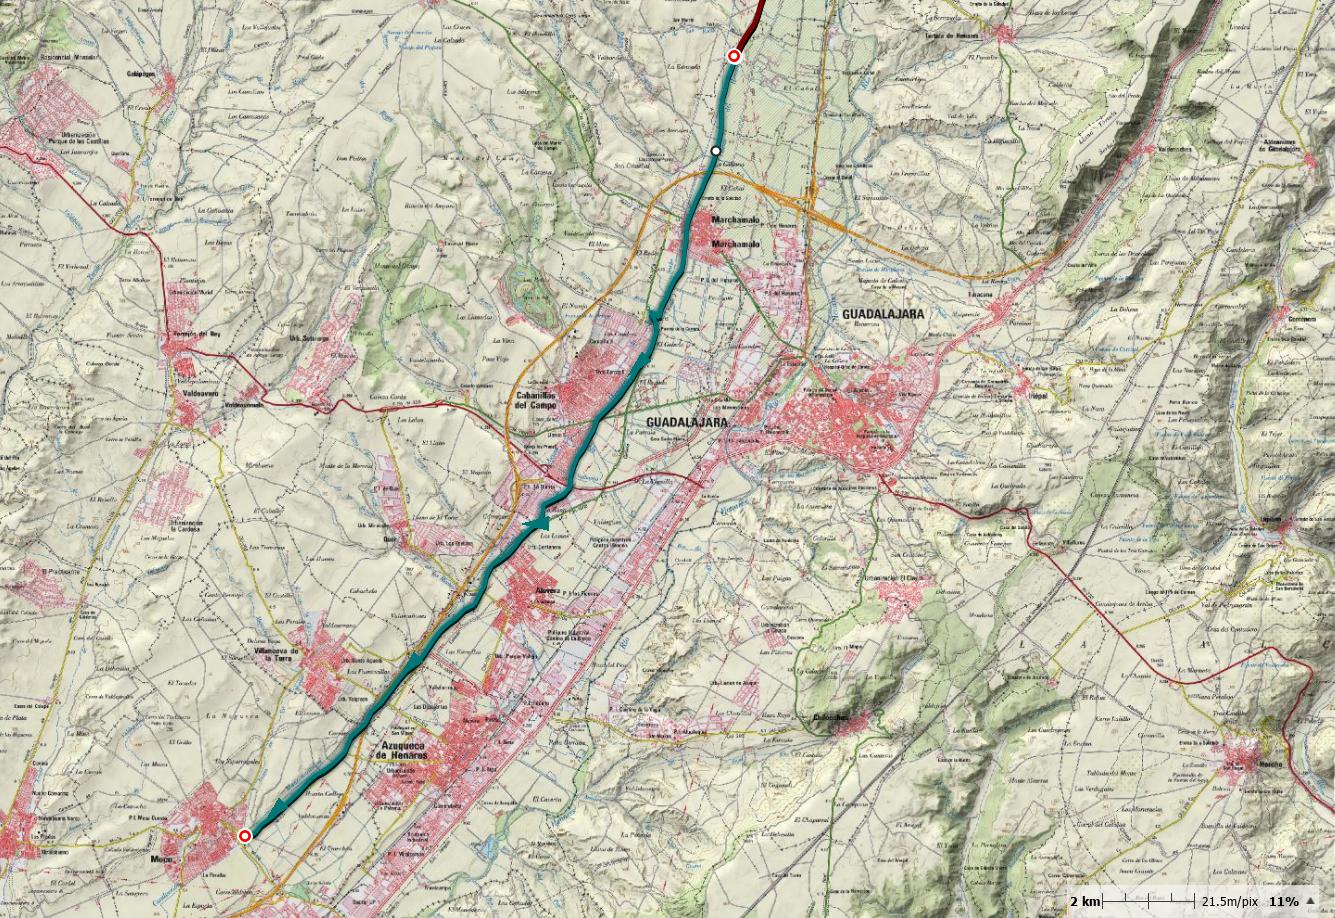 Etapa 2: De la carretera de Fontanar hasta Meco